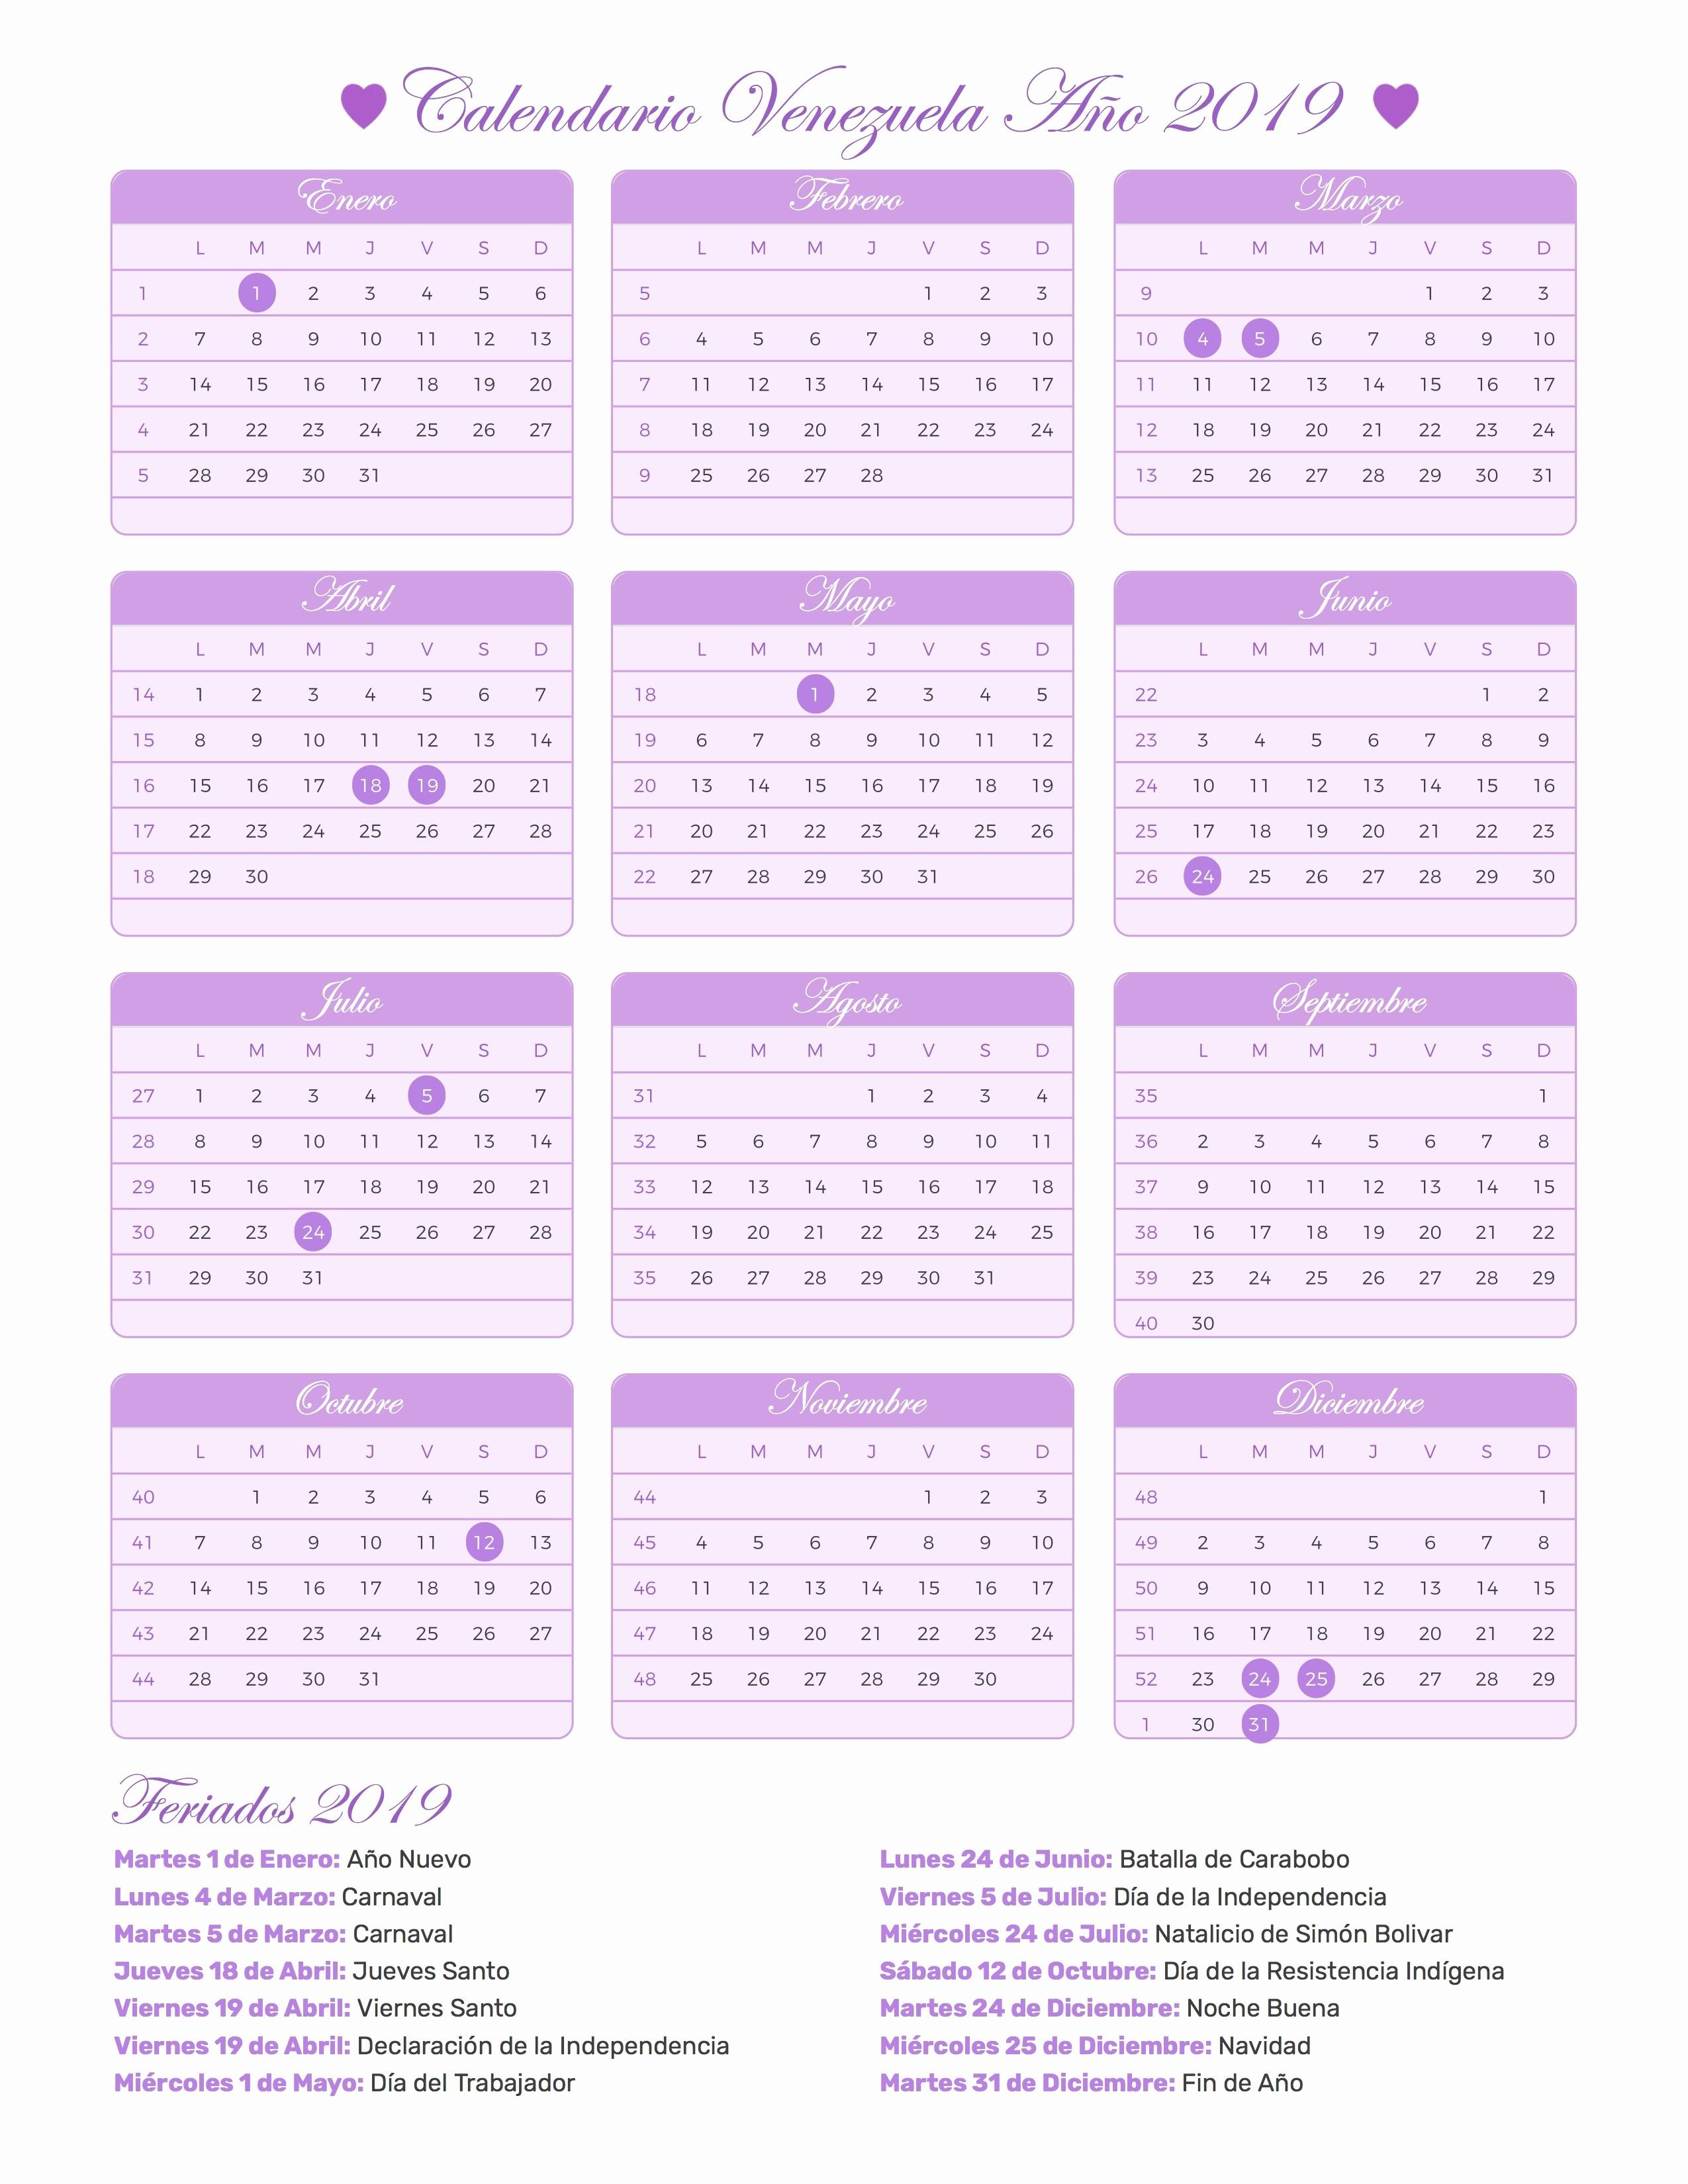 Calendario Julio 1987 2019 Calendario Venezuela Ano 2019 Feriados